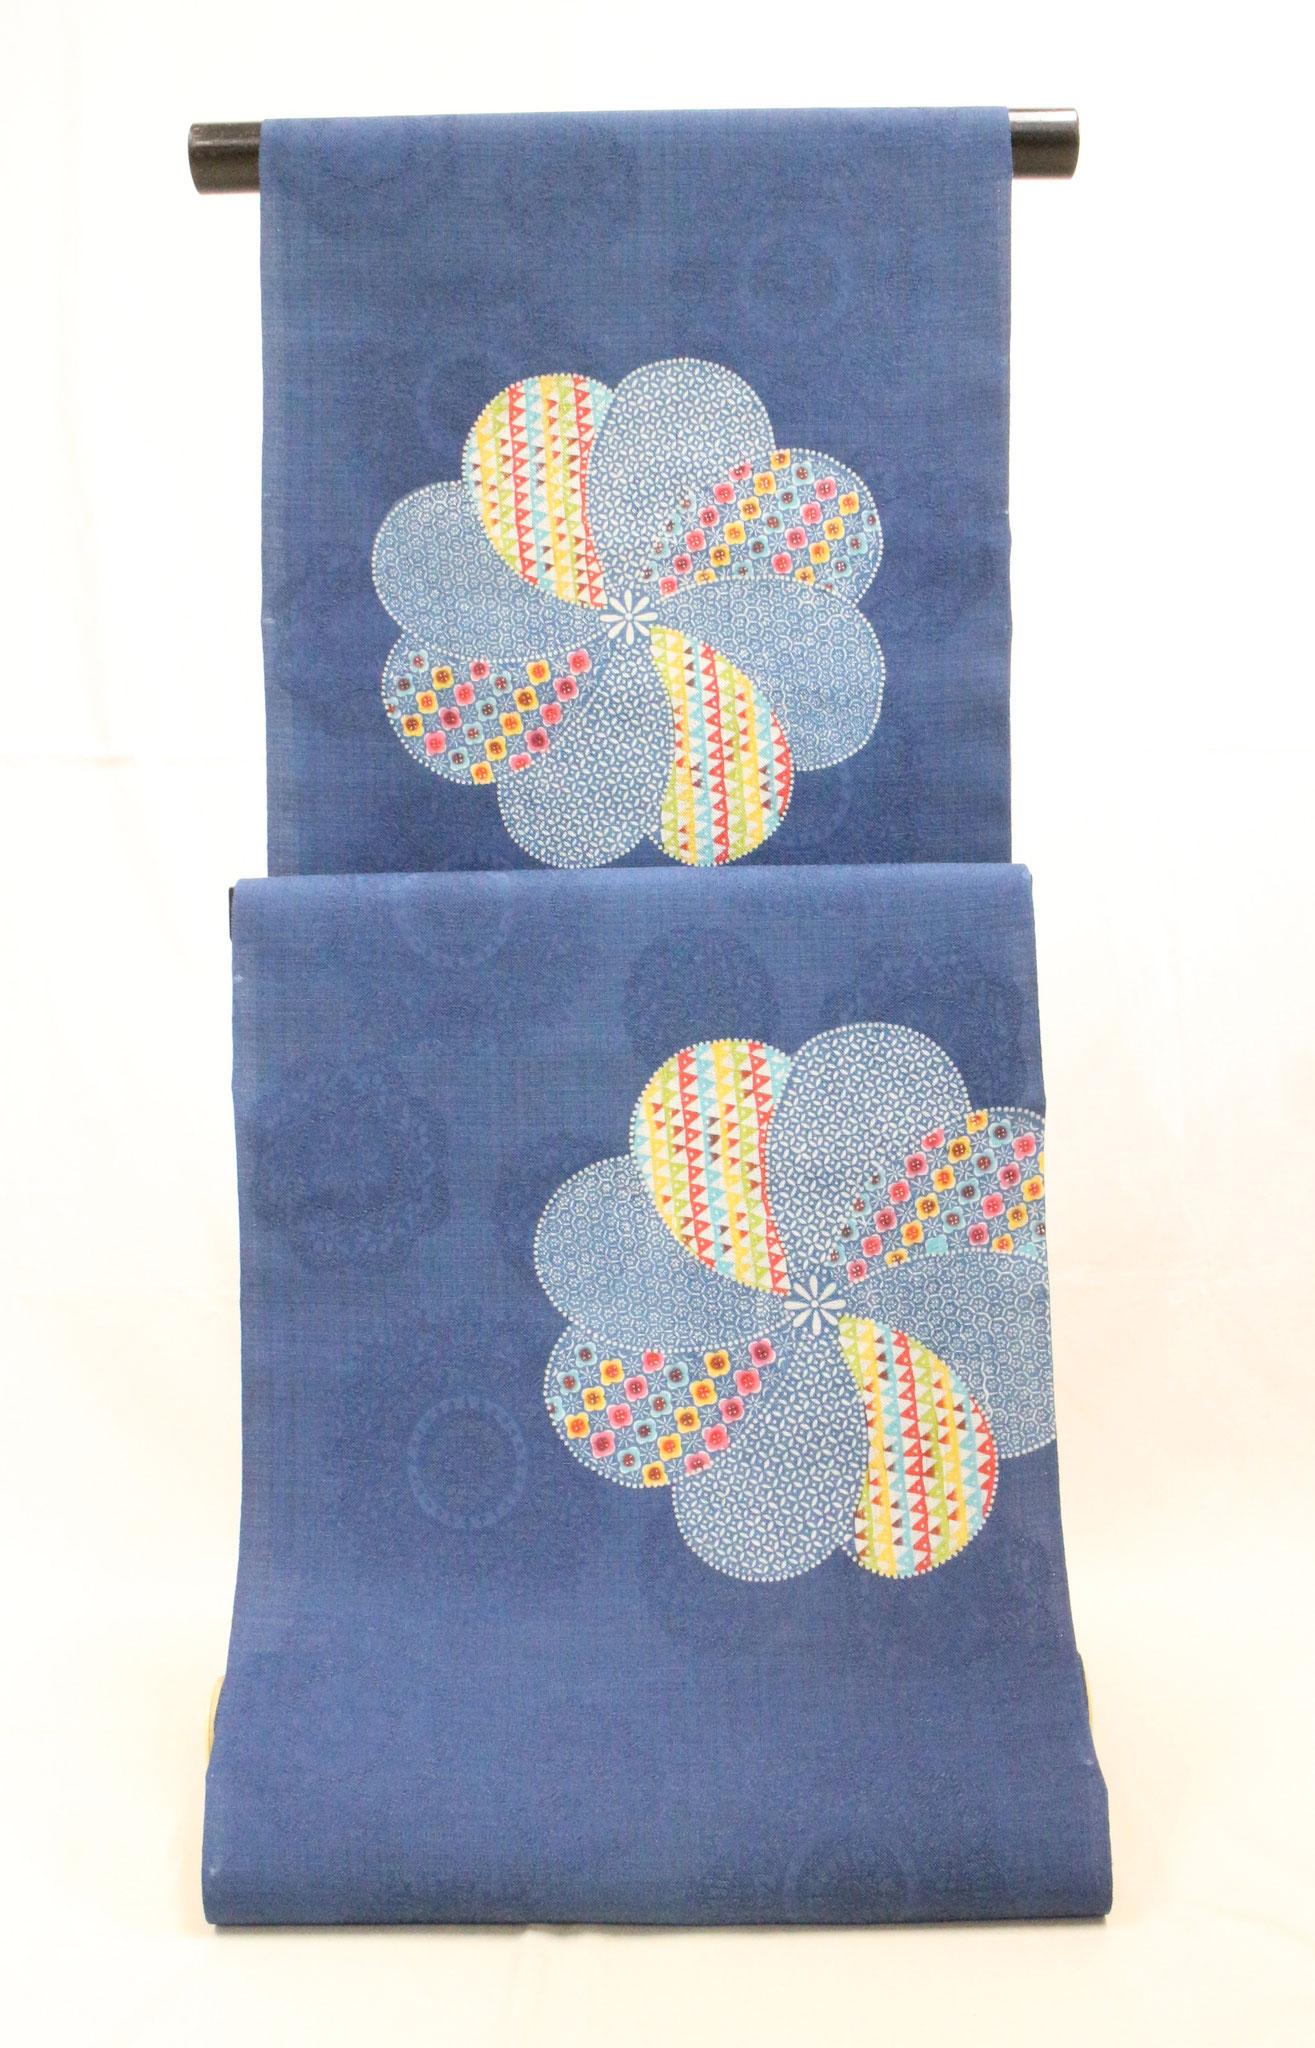 紅入り藍型 琉球漆器模様  桐生紬